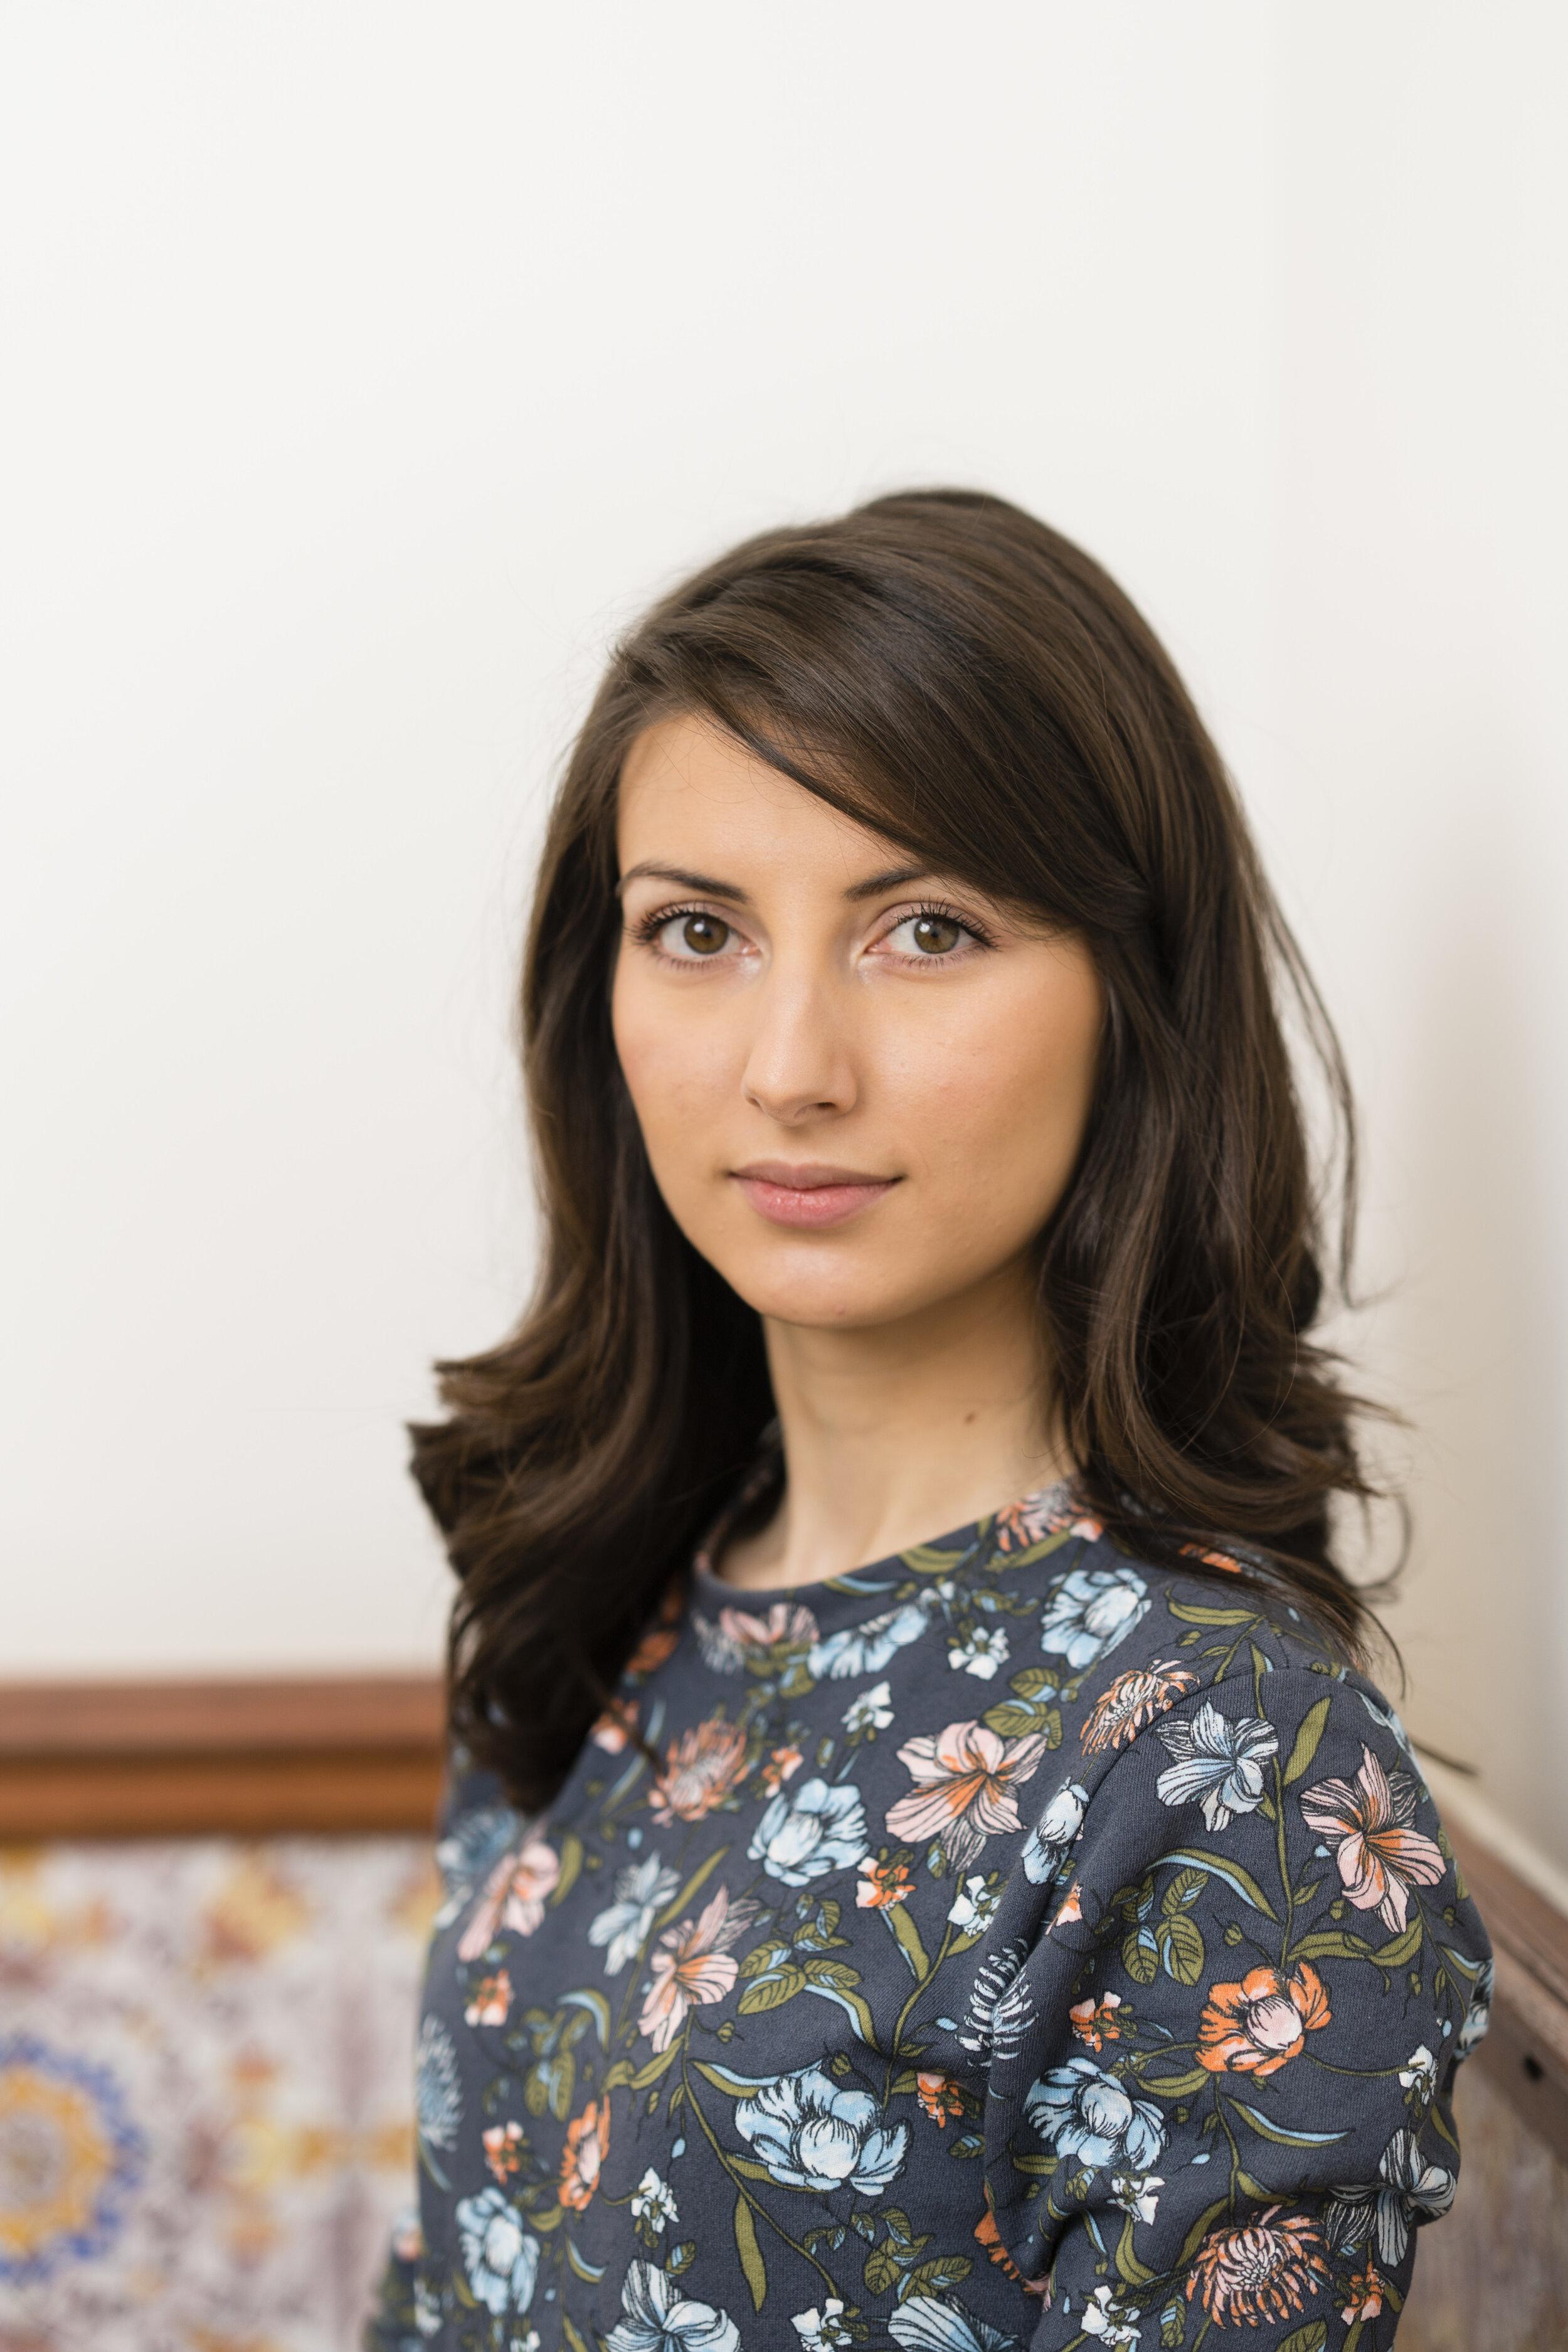 Kristiana Stoyanova